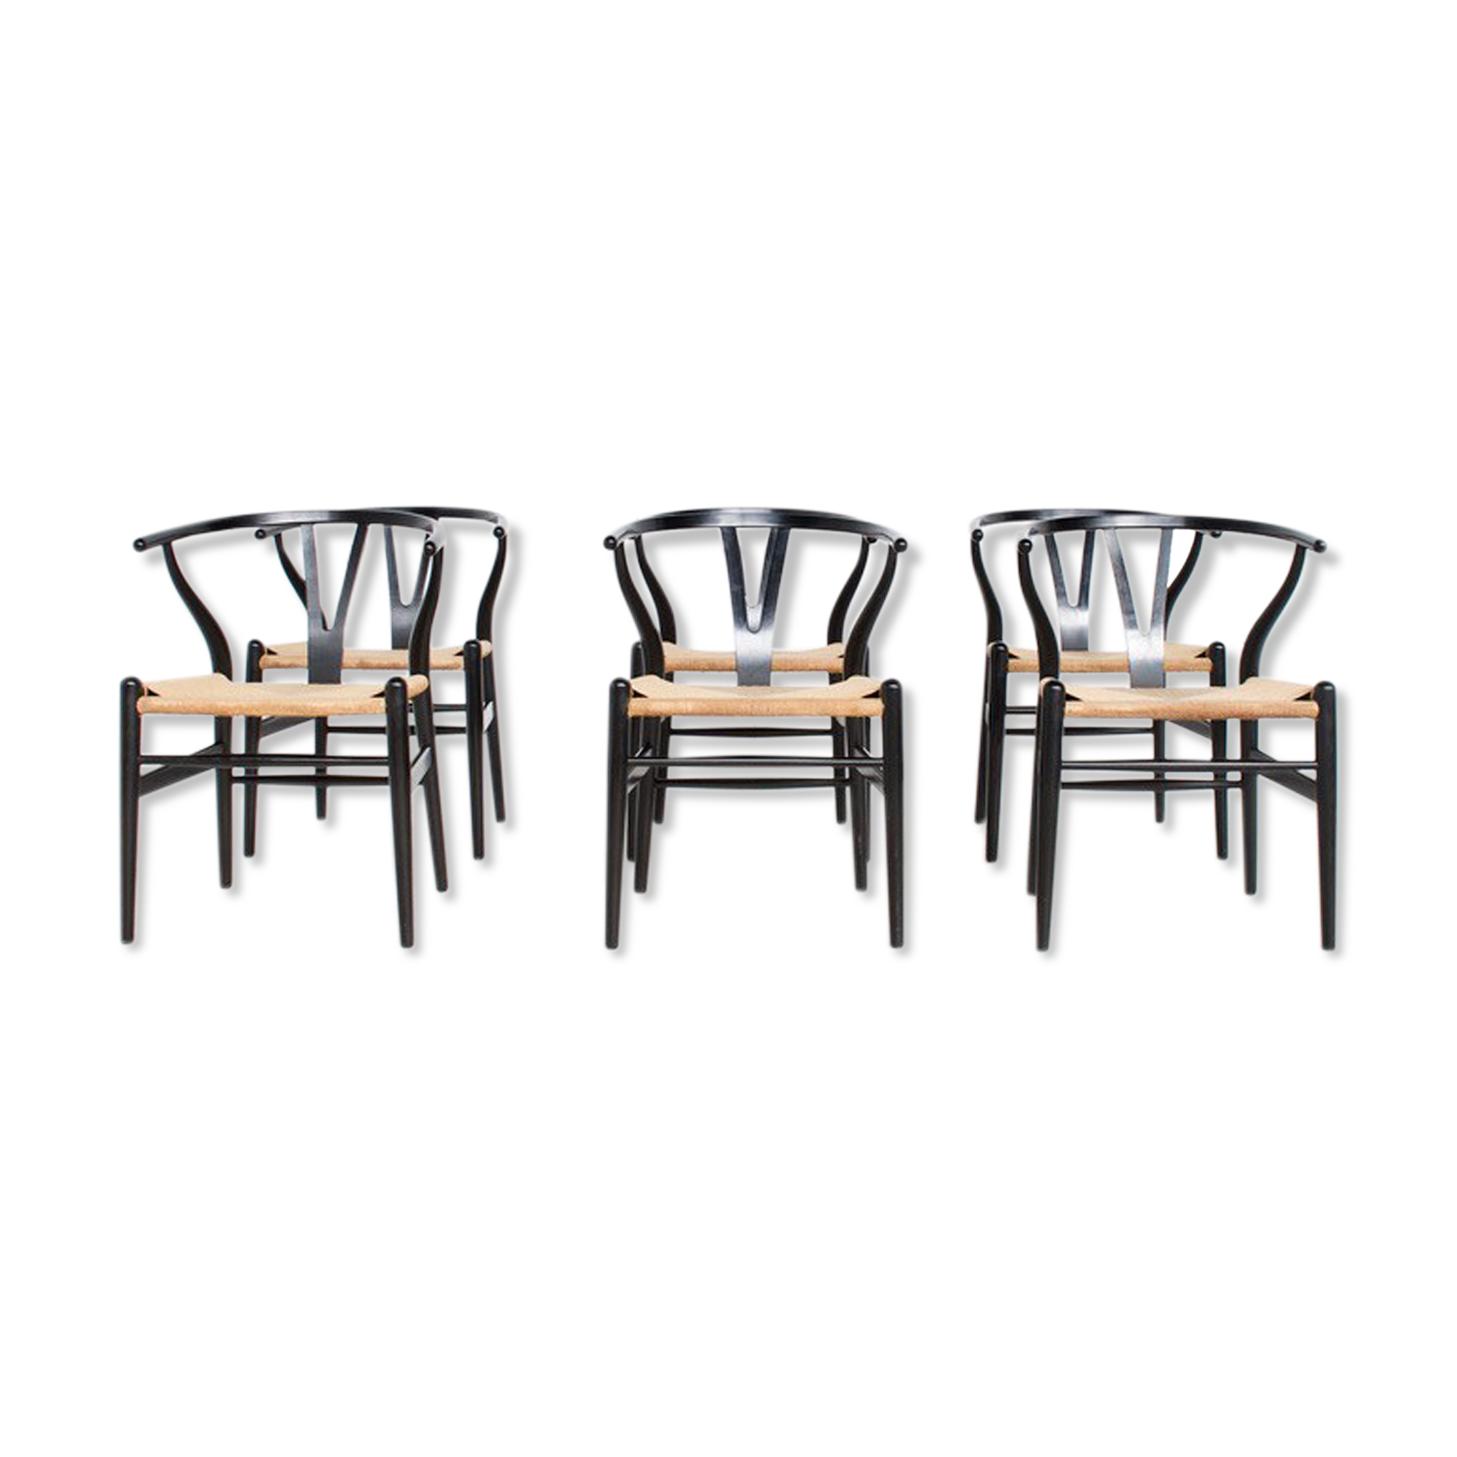 6 chaises Hans Wegner CH24 Wishbone Carl Hansen & Son années 60